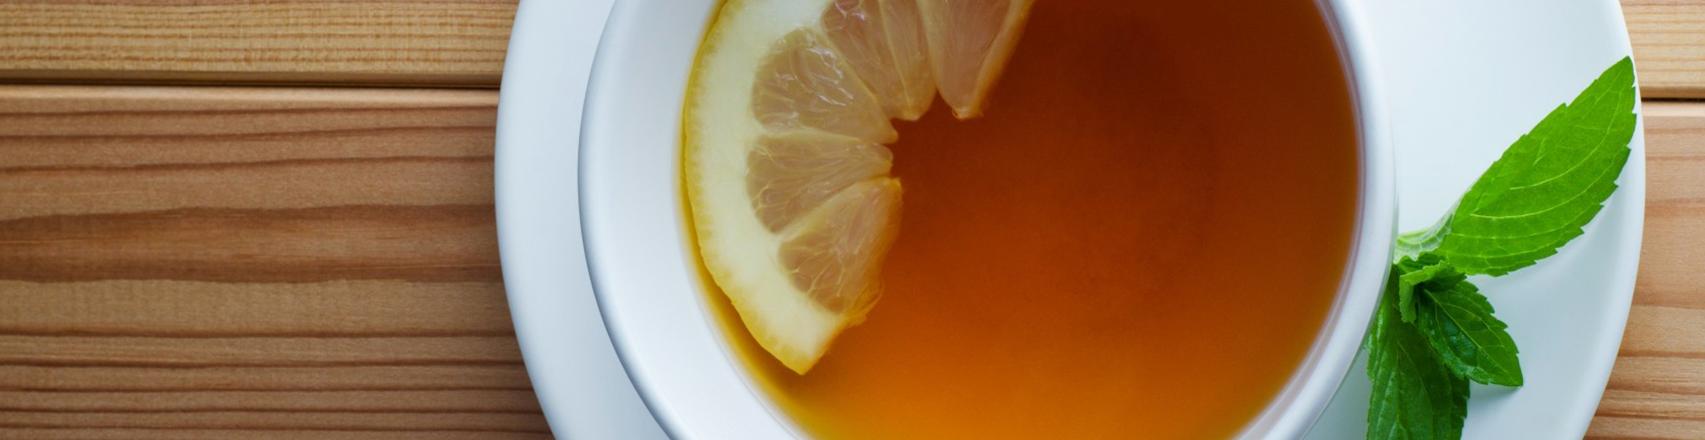 купить чай в Москве, интернет-магазин Germmarket